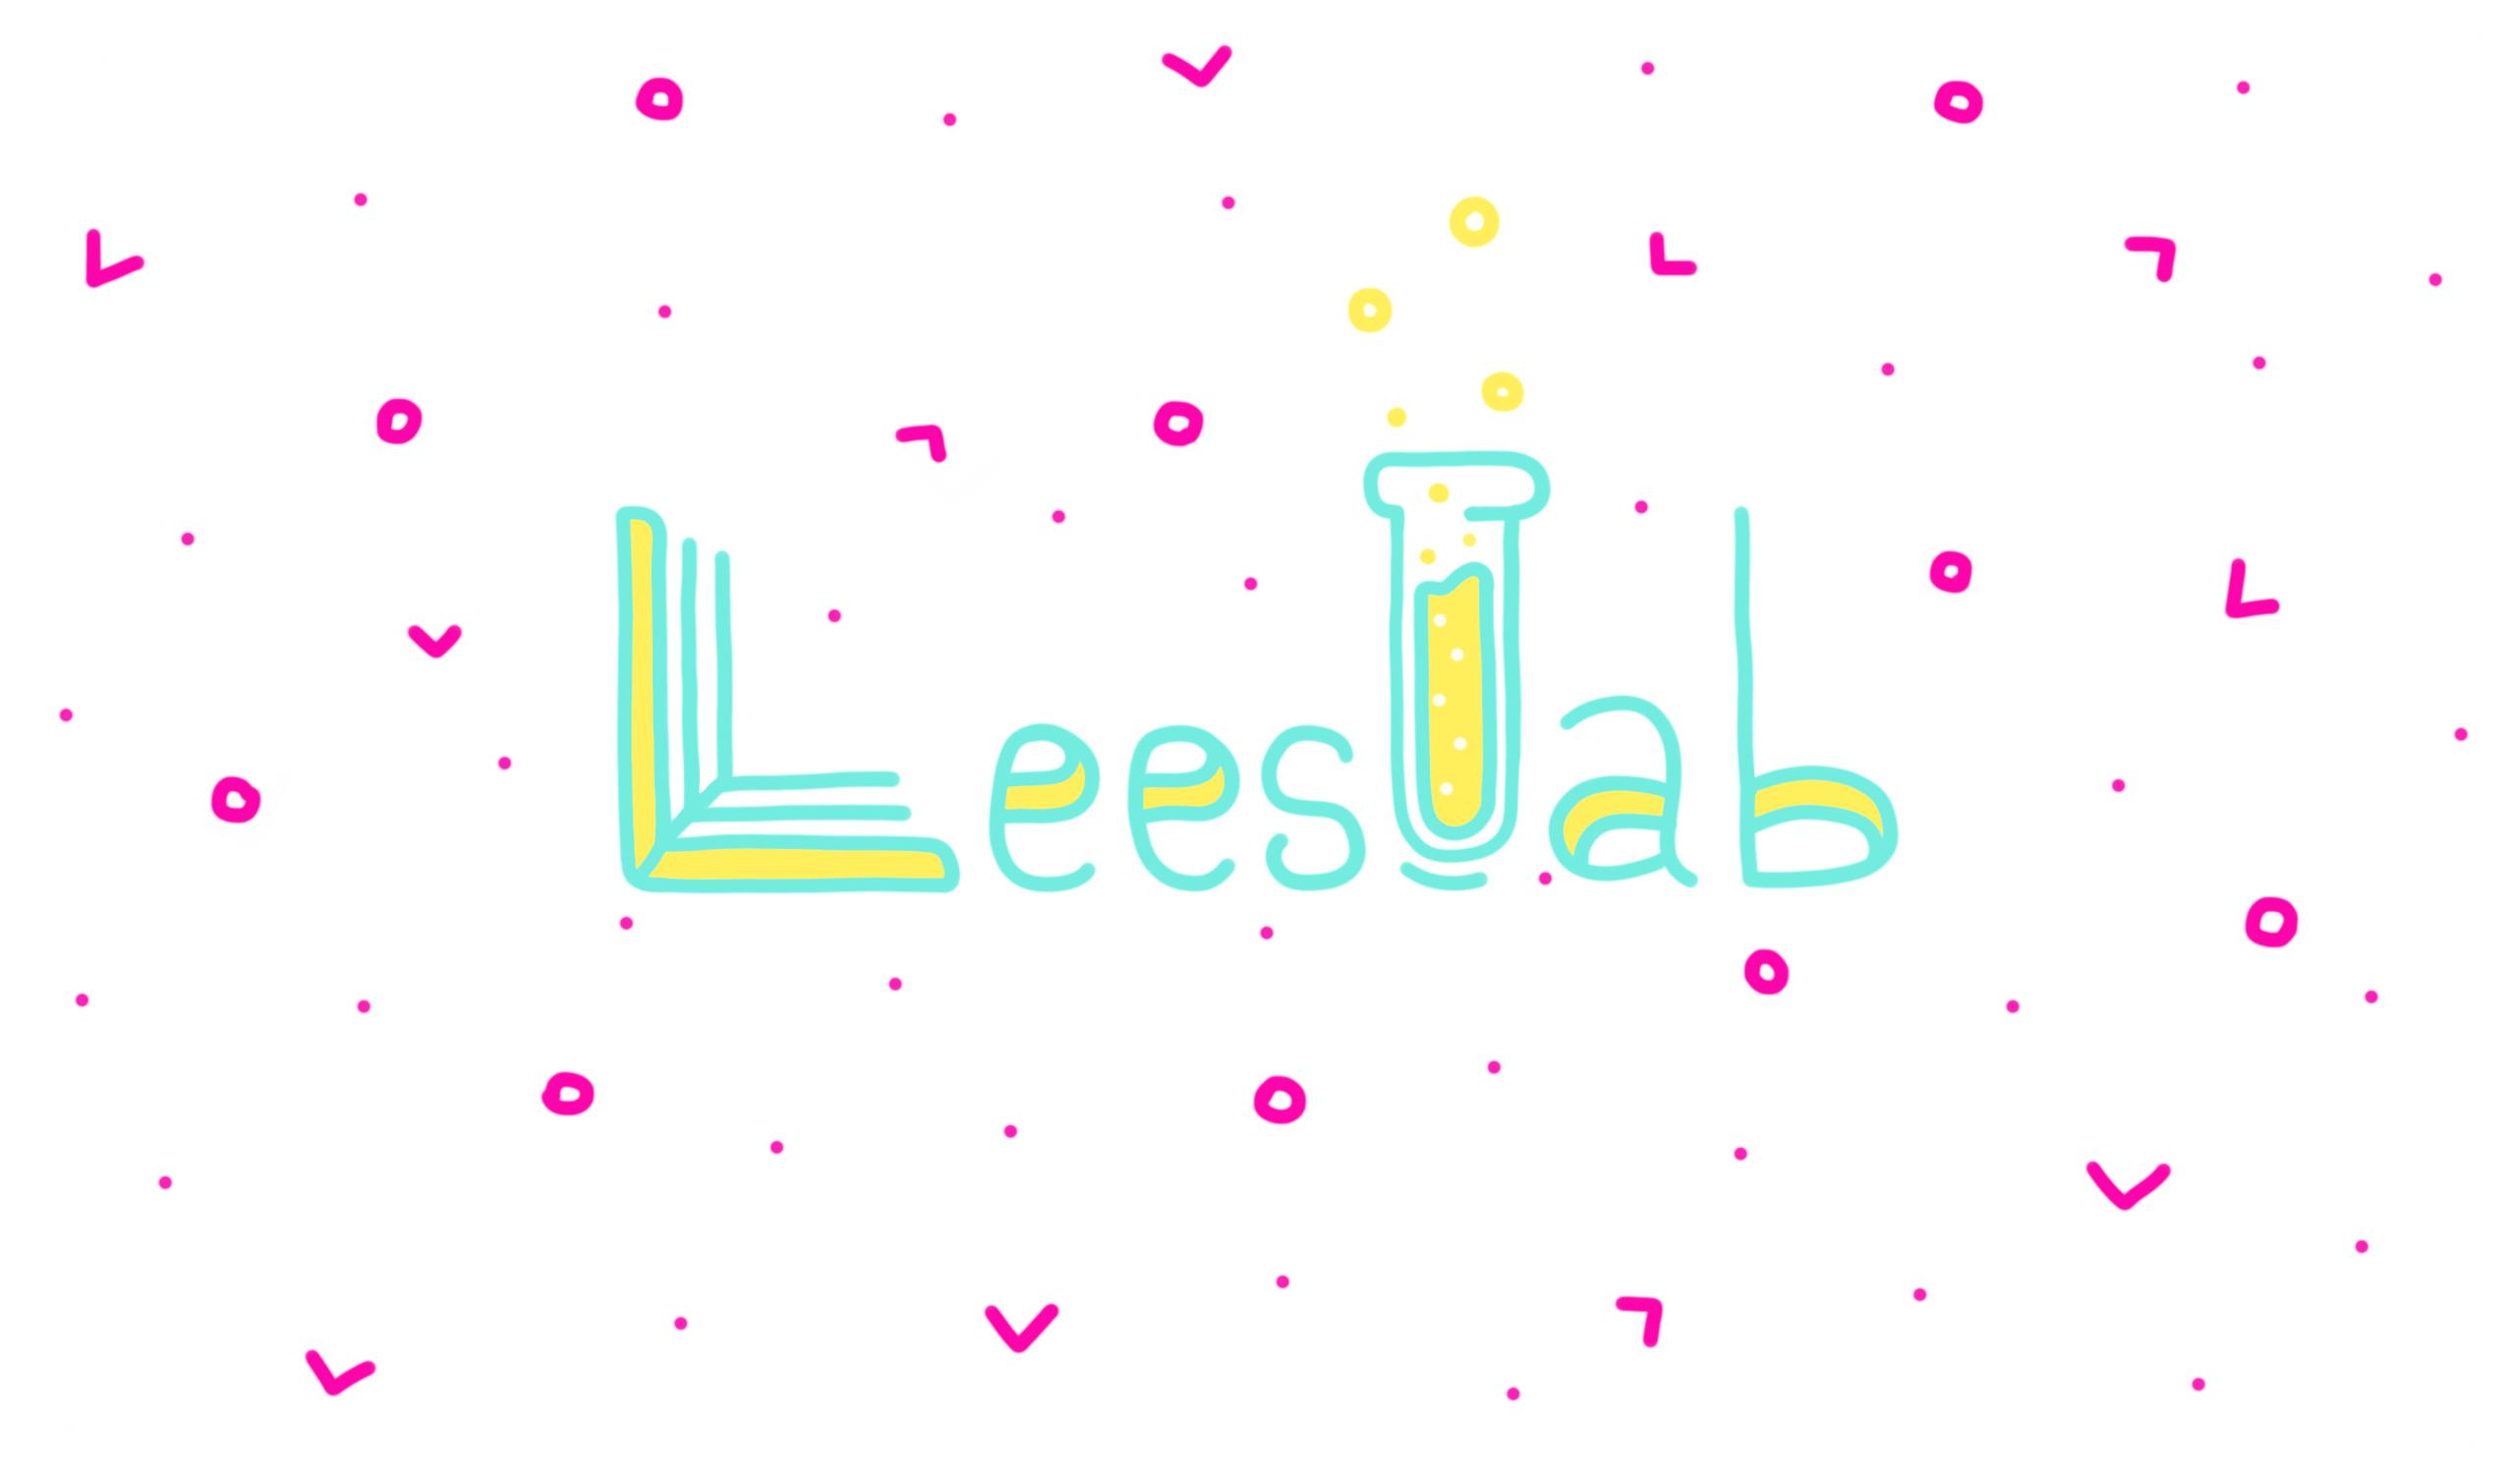 LeesLab